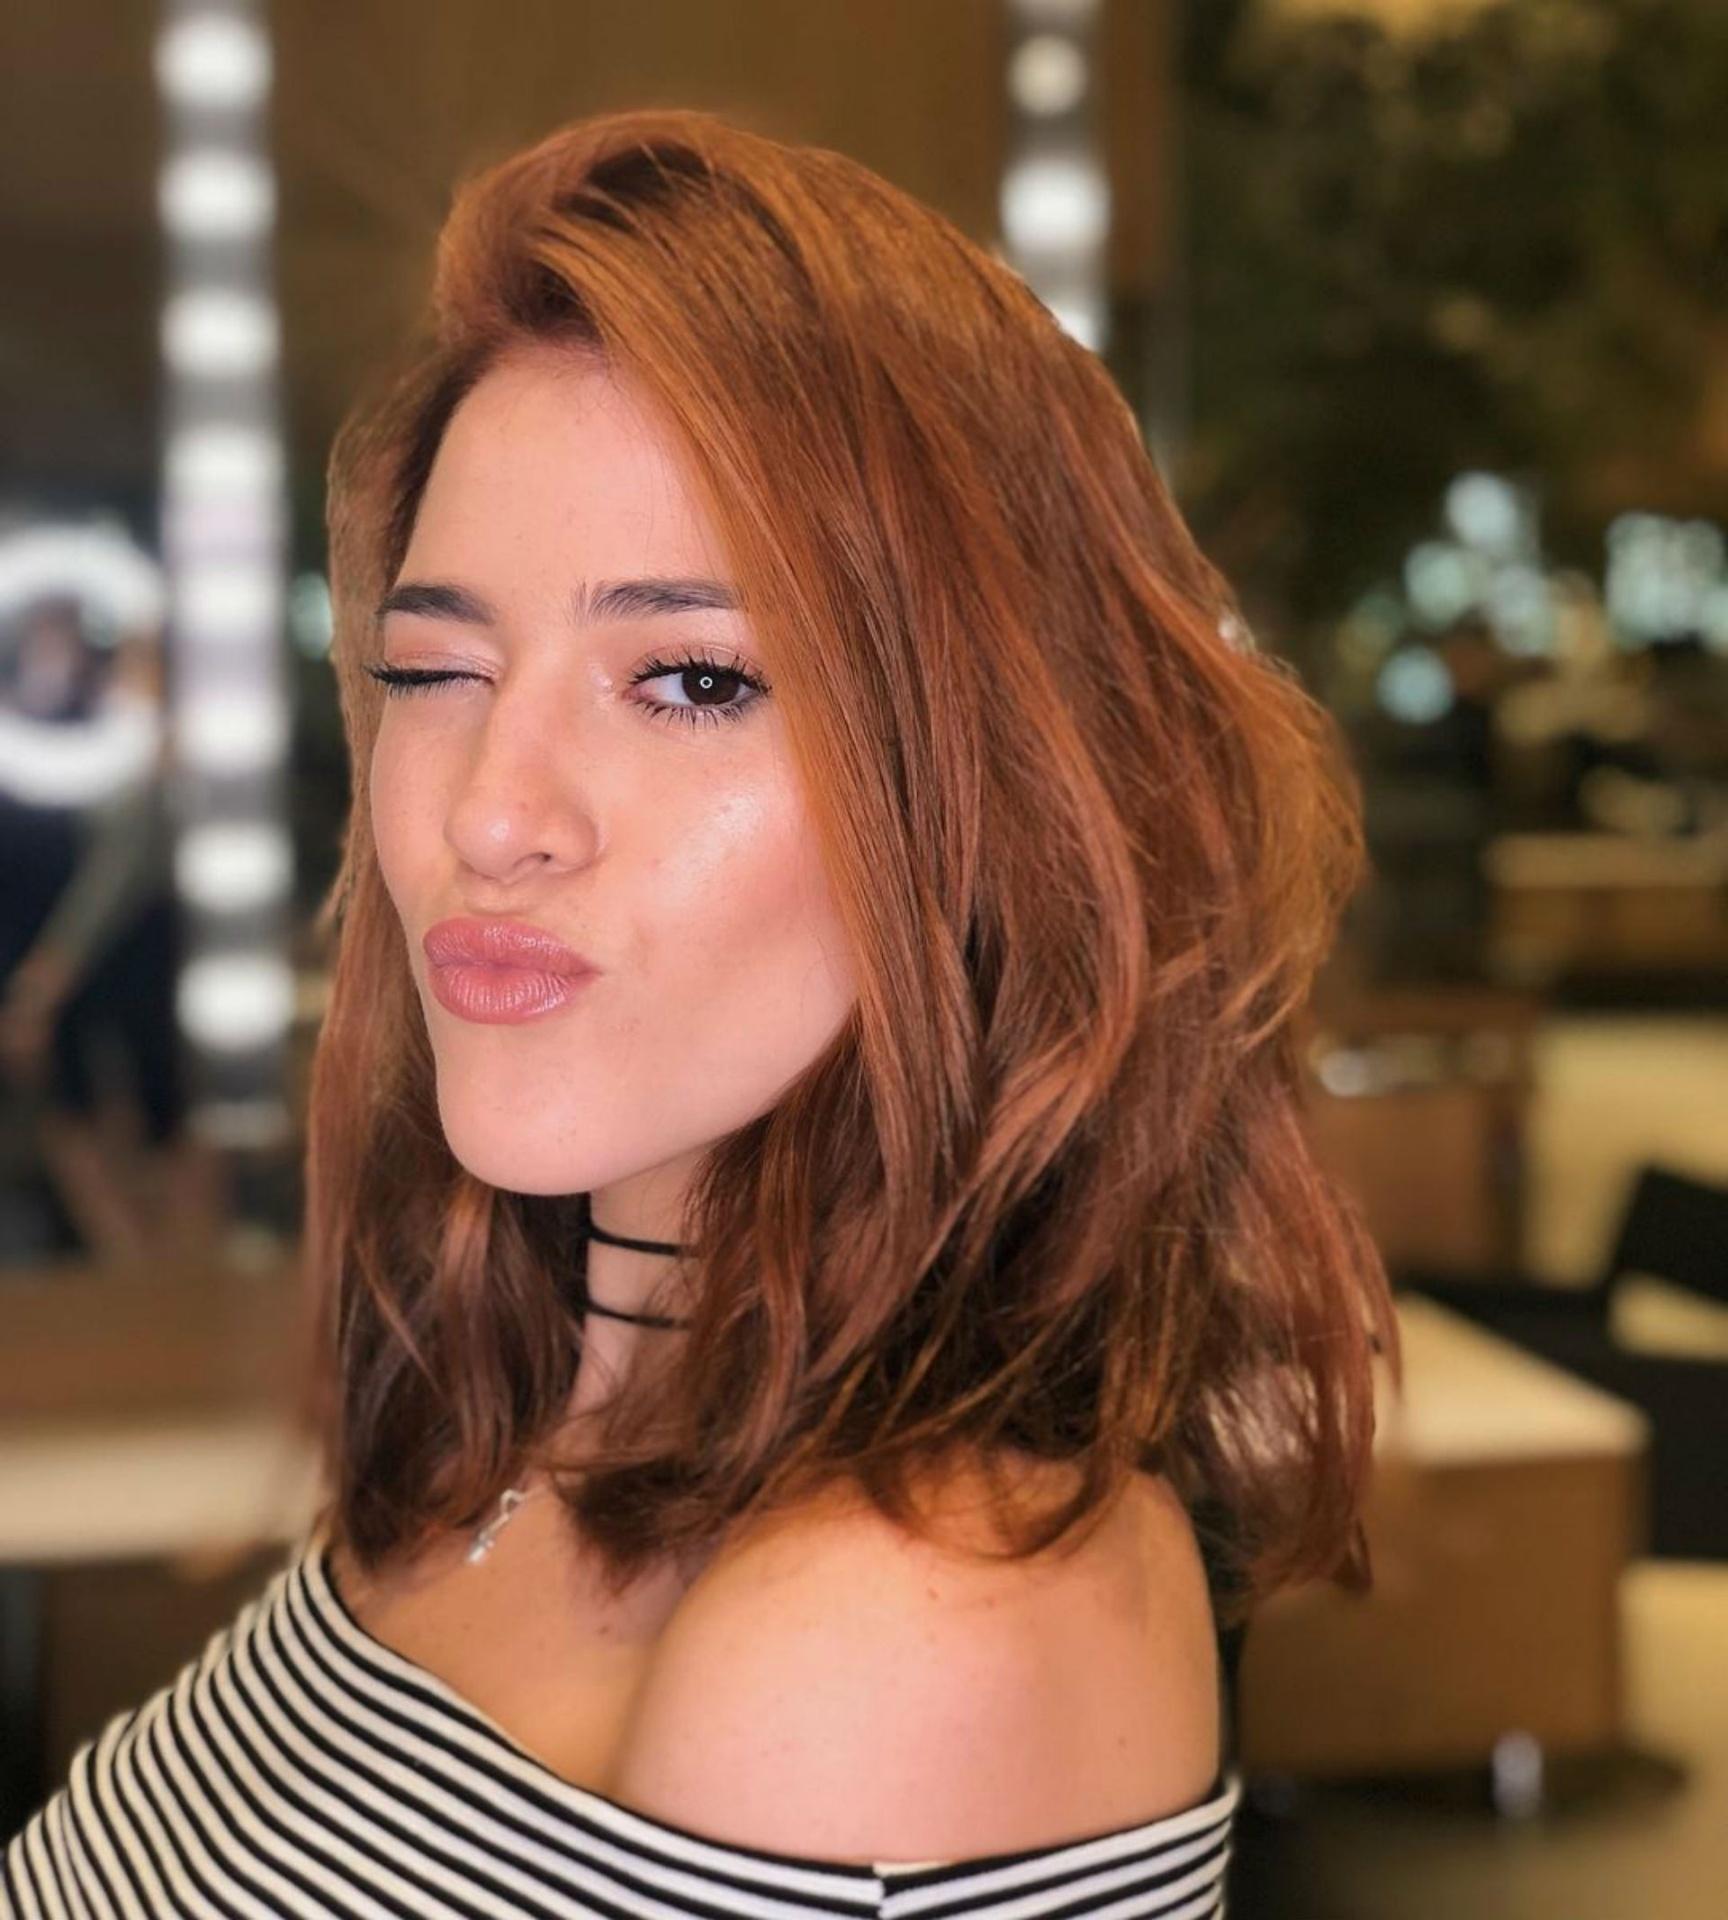 0f172287b40 Ana Clara pode se tornar a ex-BBB mais popular da história - 06 05 2018 -  UOL Entretenimento